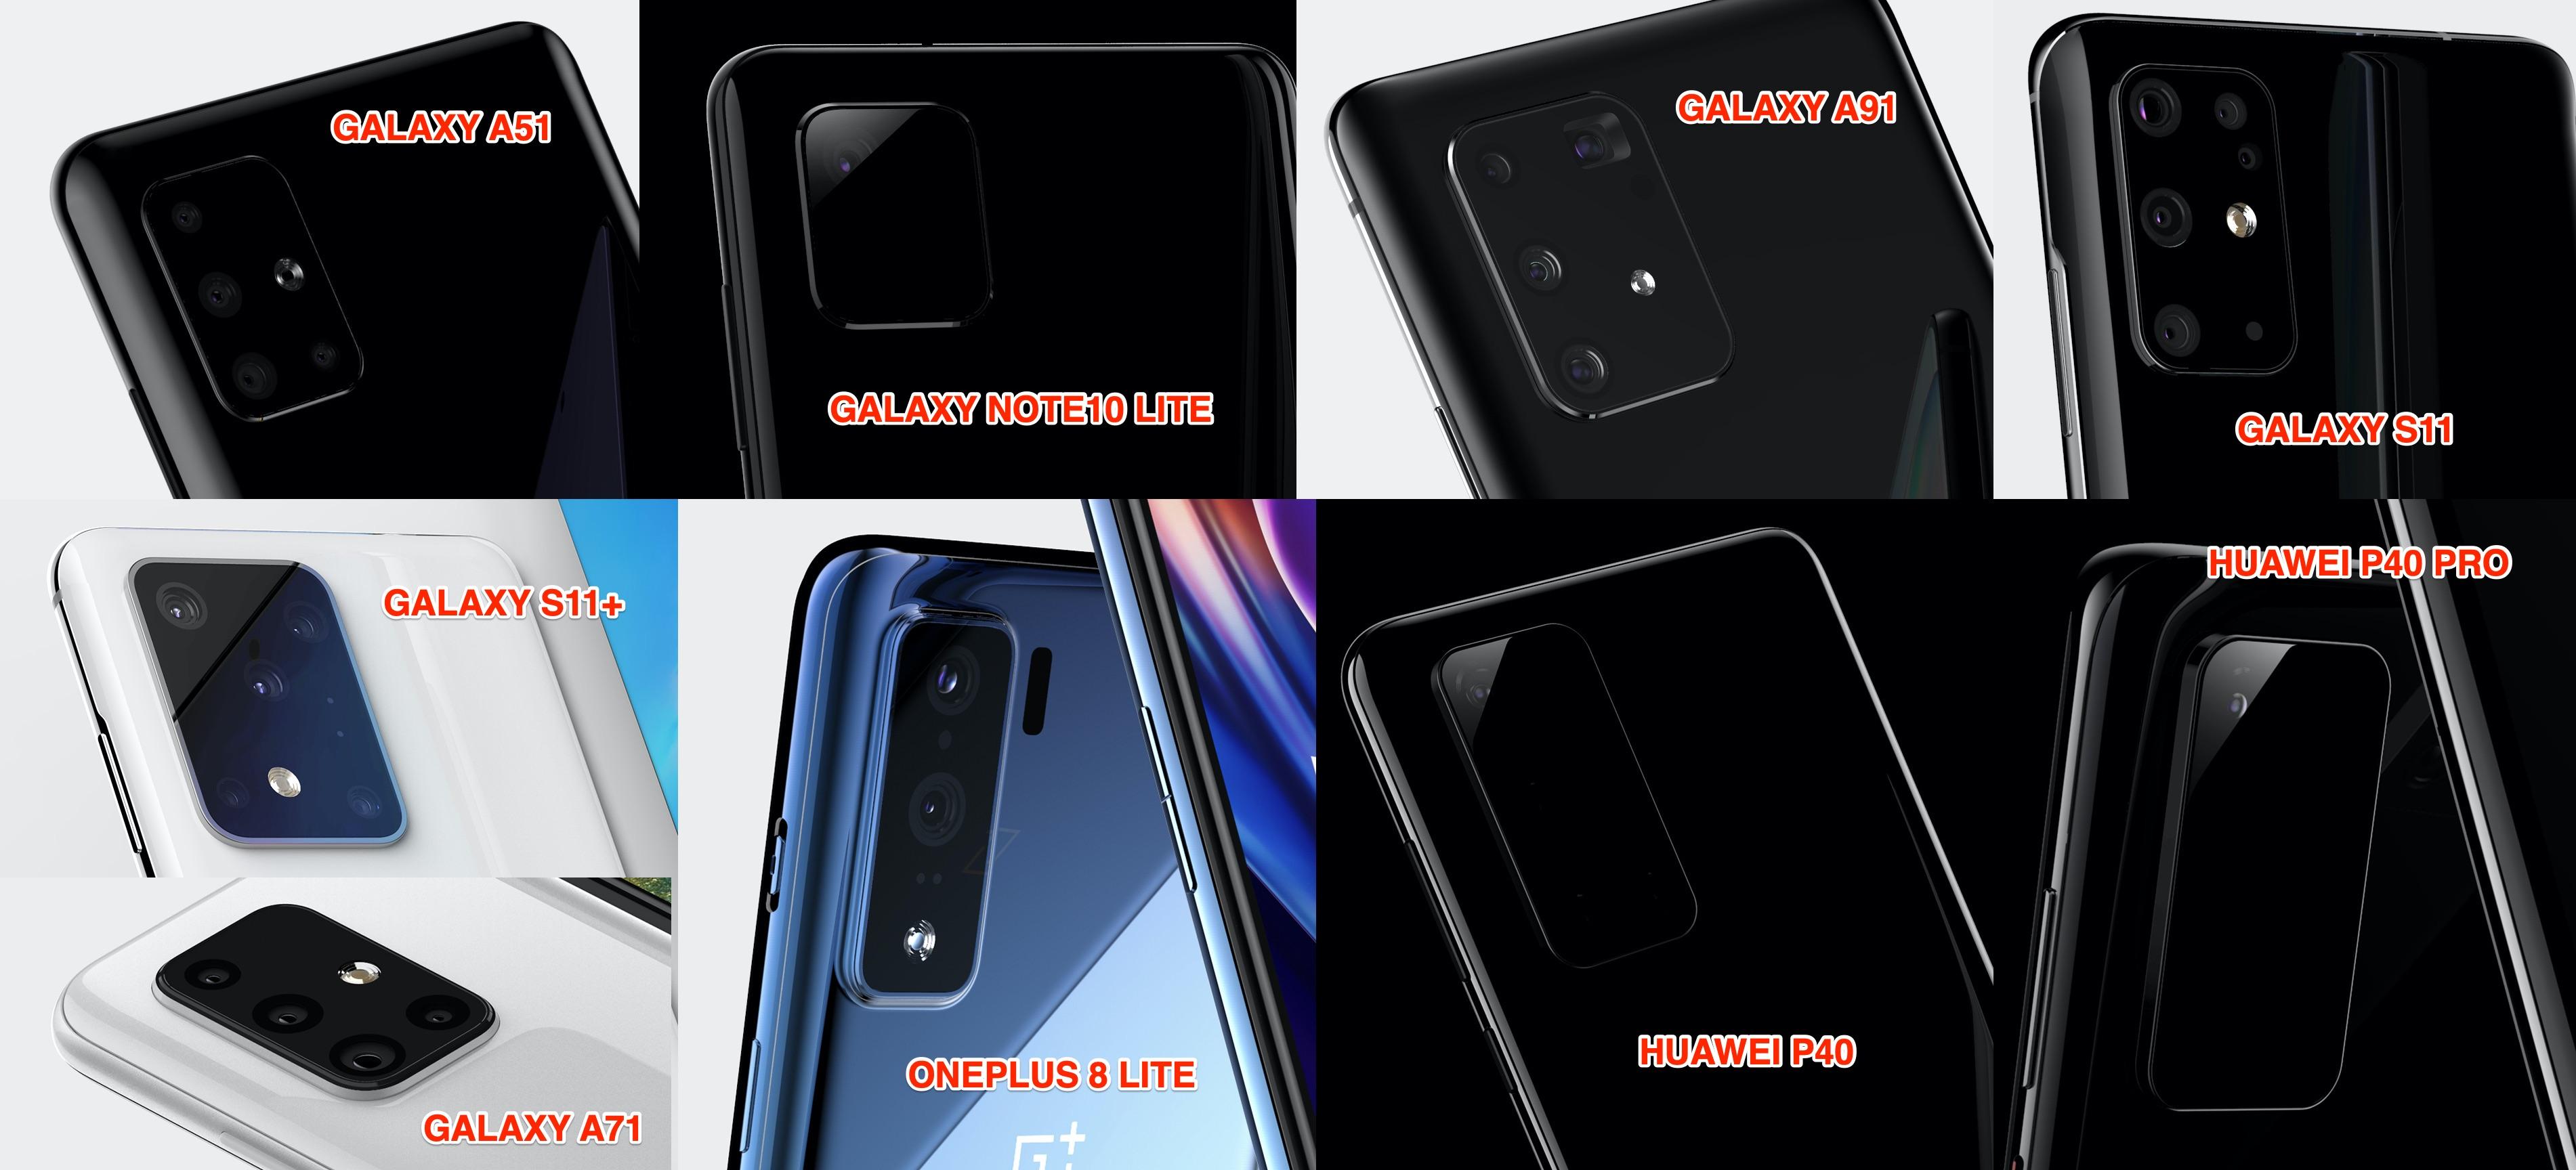 Вот так, с высокой долей вероятности, будут выглядеть Huawei P40 и Huawei P40 Pro